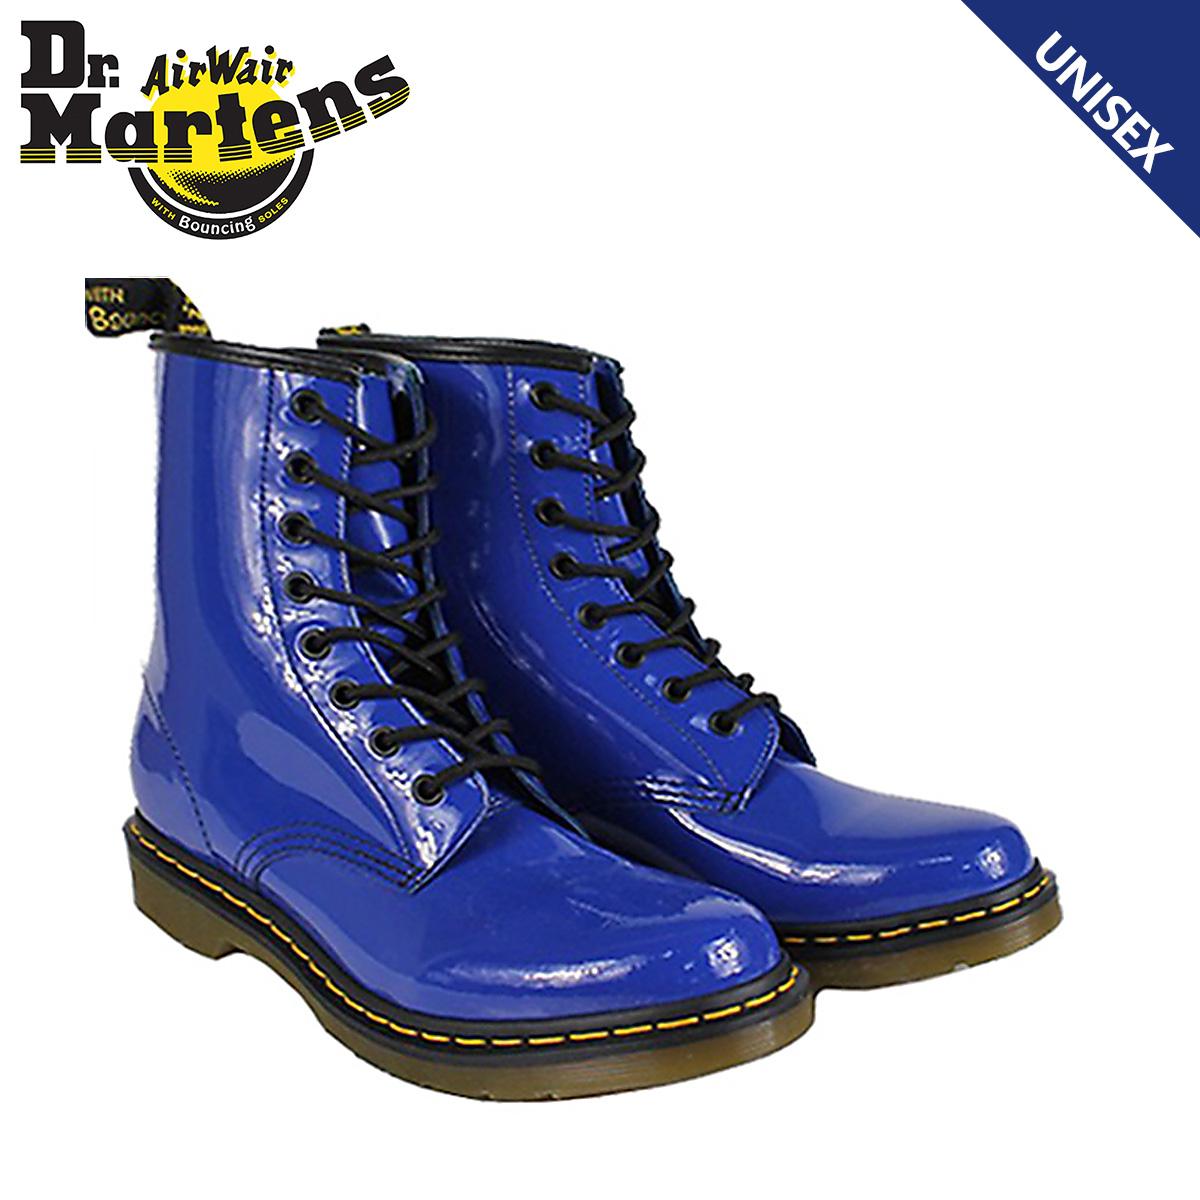 博士马滕斯 Dr.Martens 1460 8 孔靴女士女性 8 眼启动 R11821409 男装